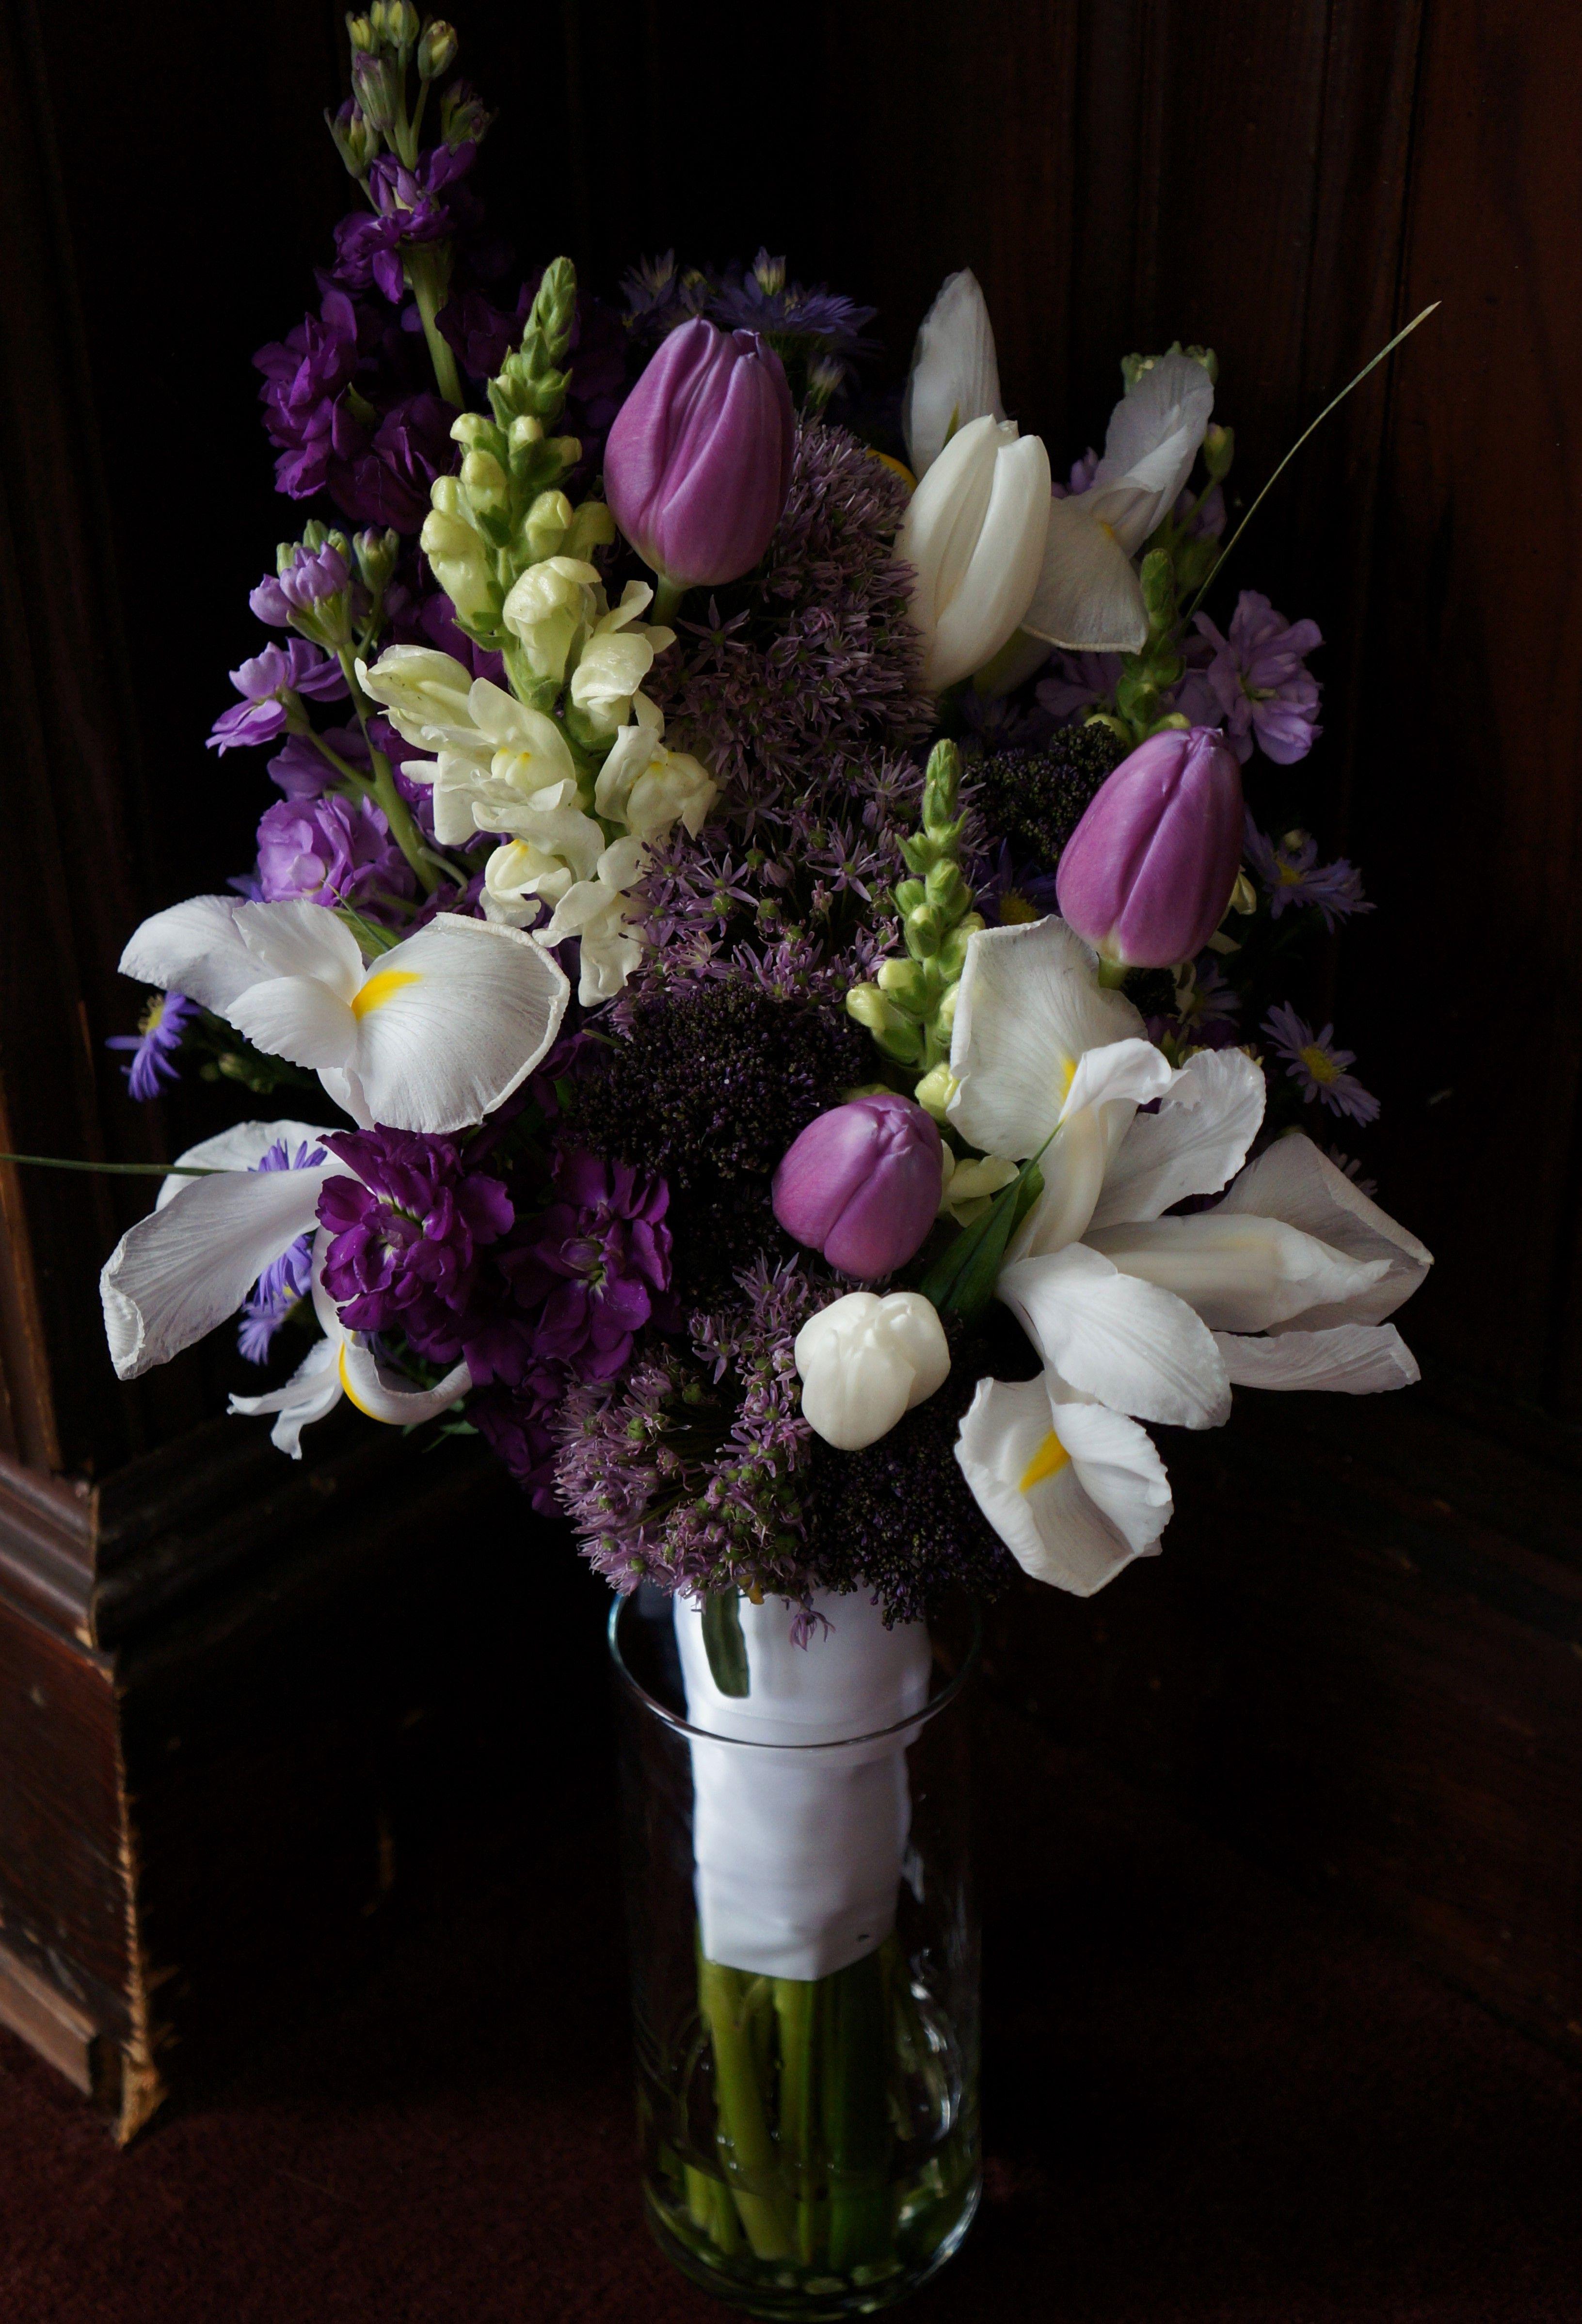 Bouquet full of spring flowers, allium, tulip, iris, snapdragons ...